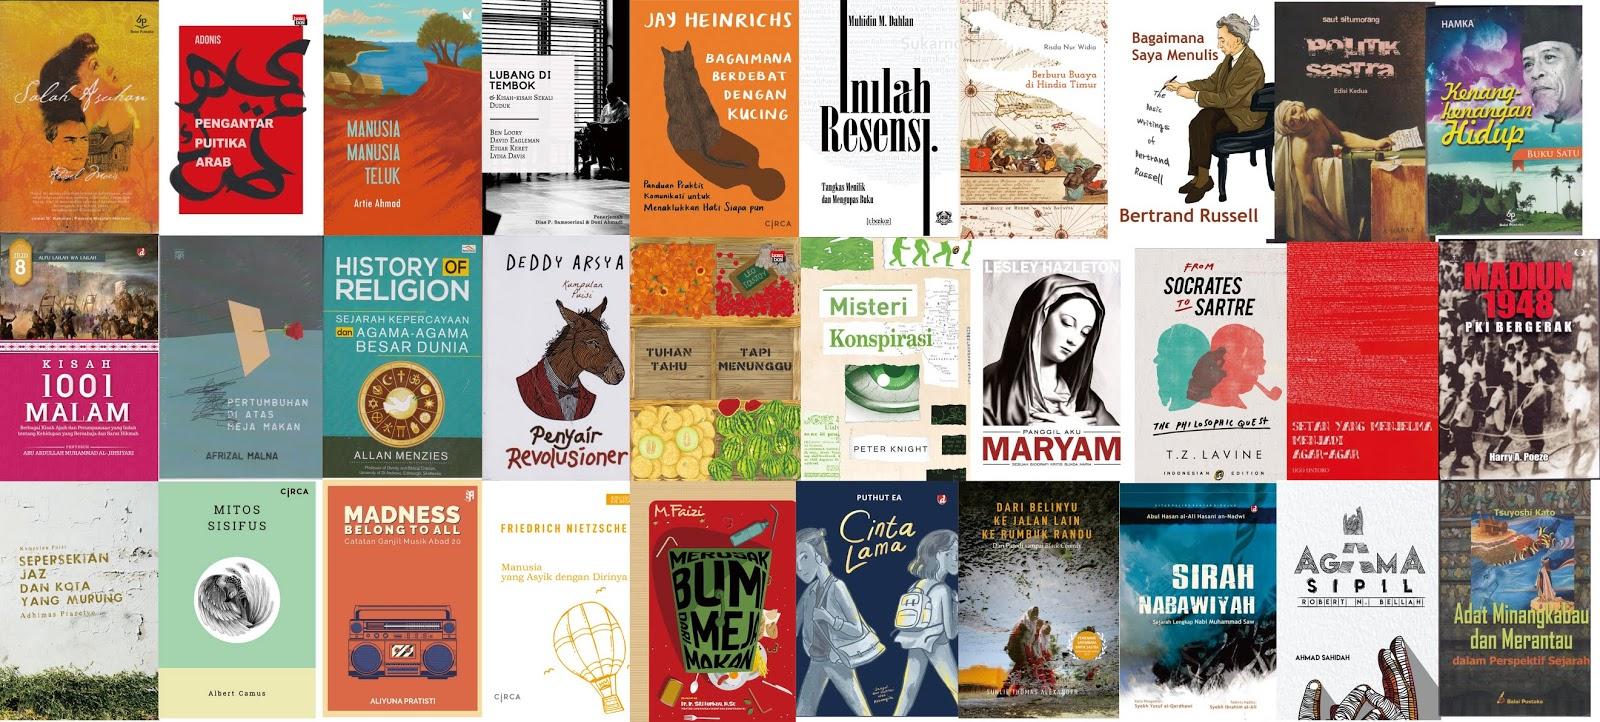 Jualan Buku Sastra Katalog Nonsastra Maret 2020